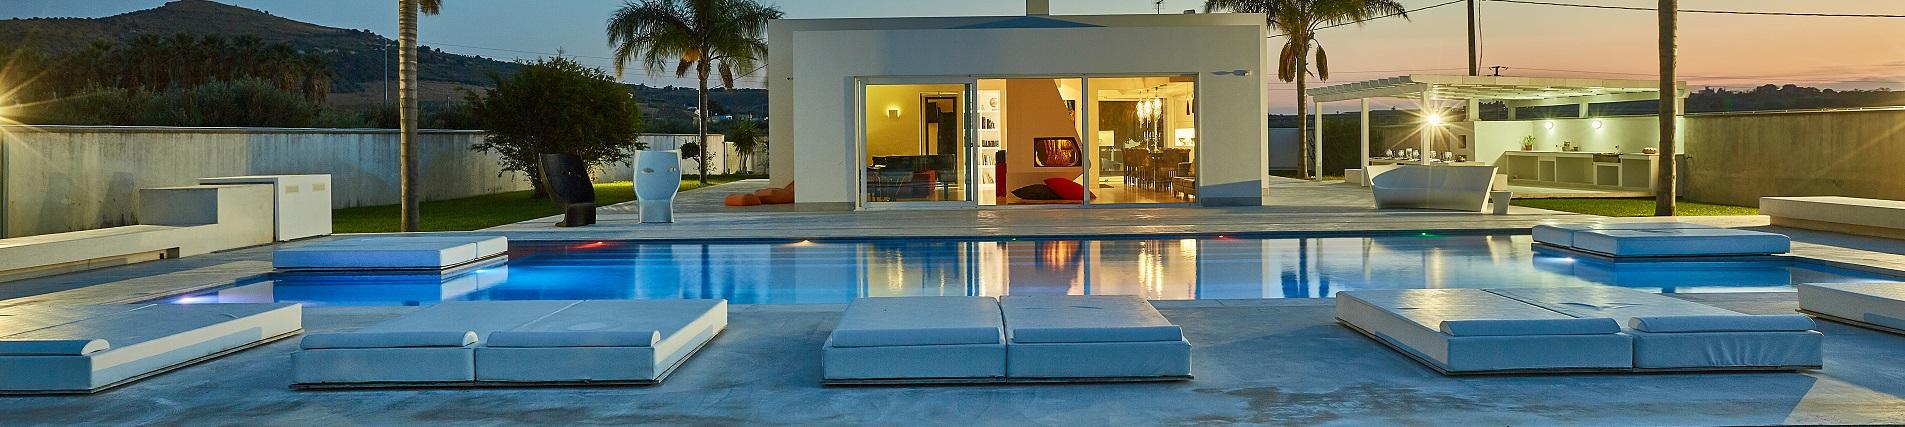 Ville in Sicilia con piscina riscaldata